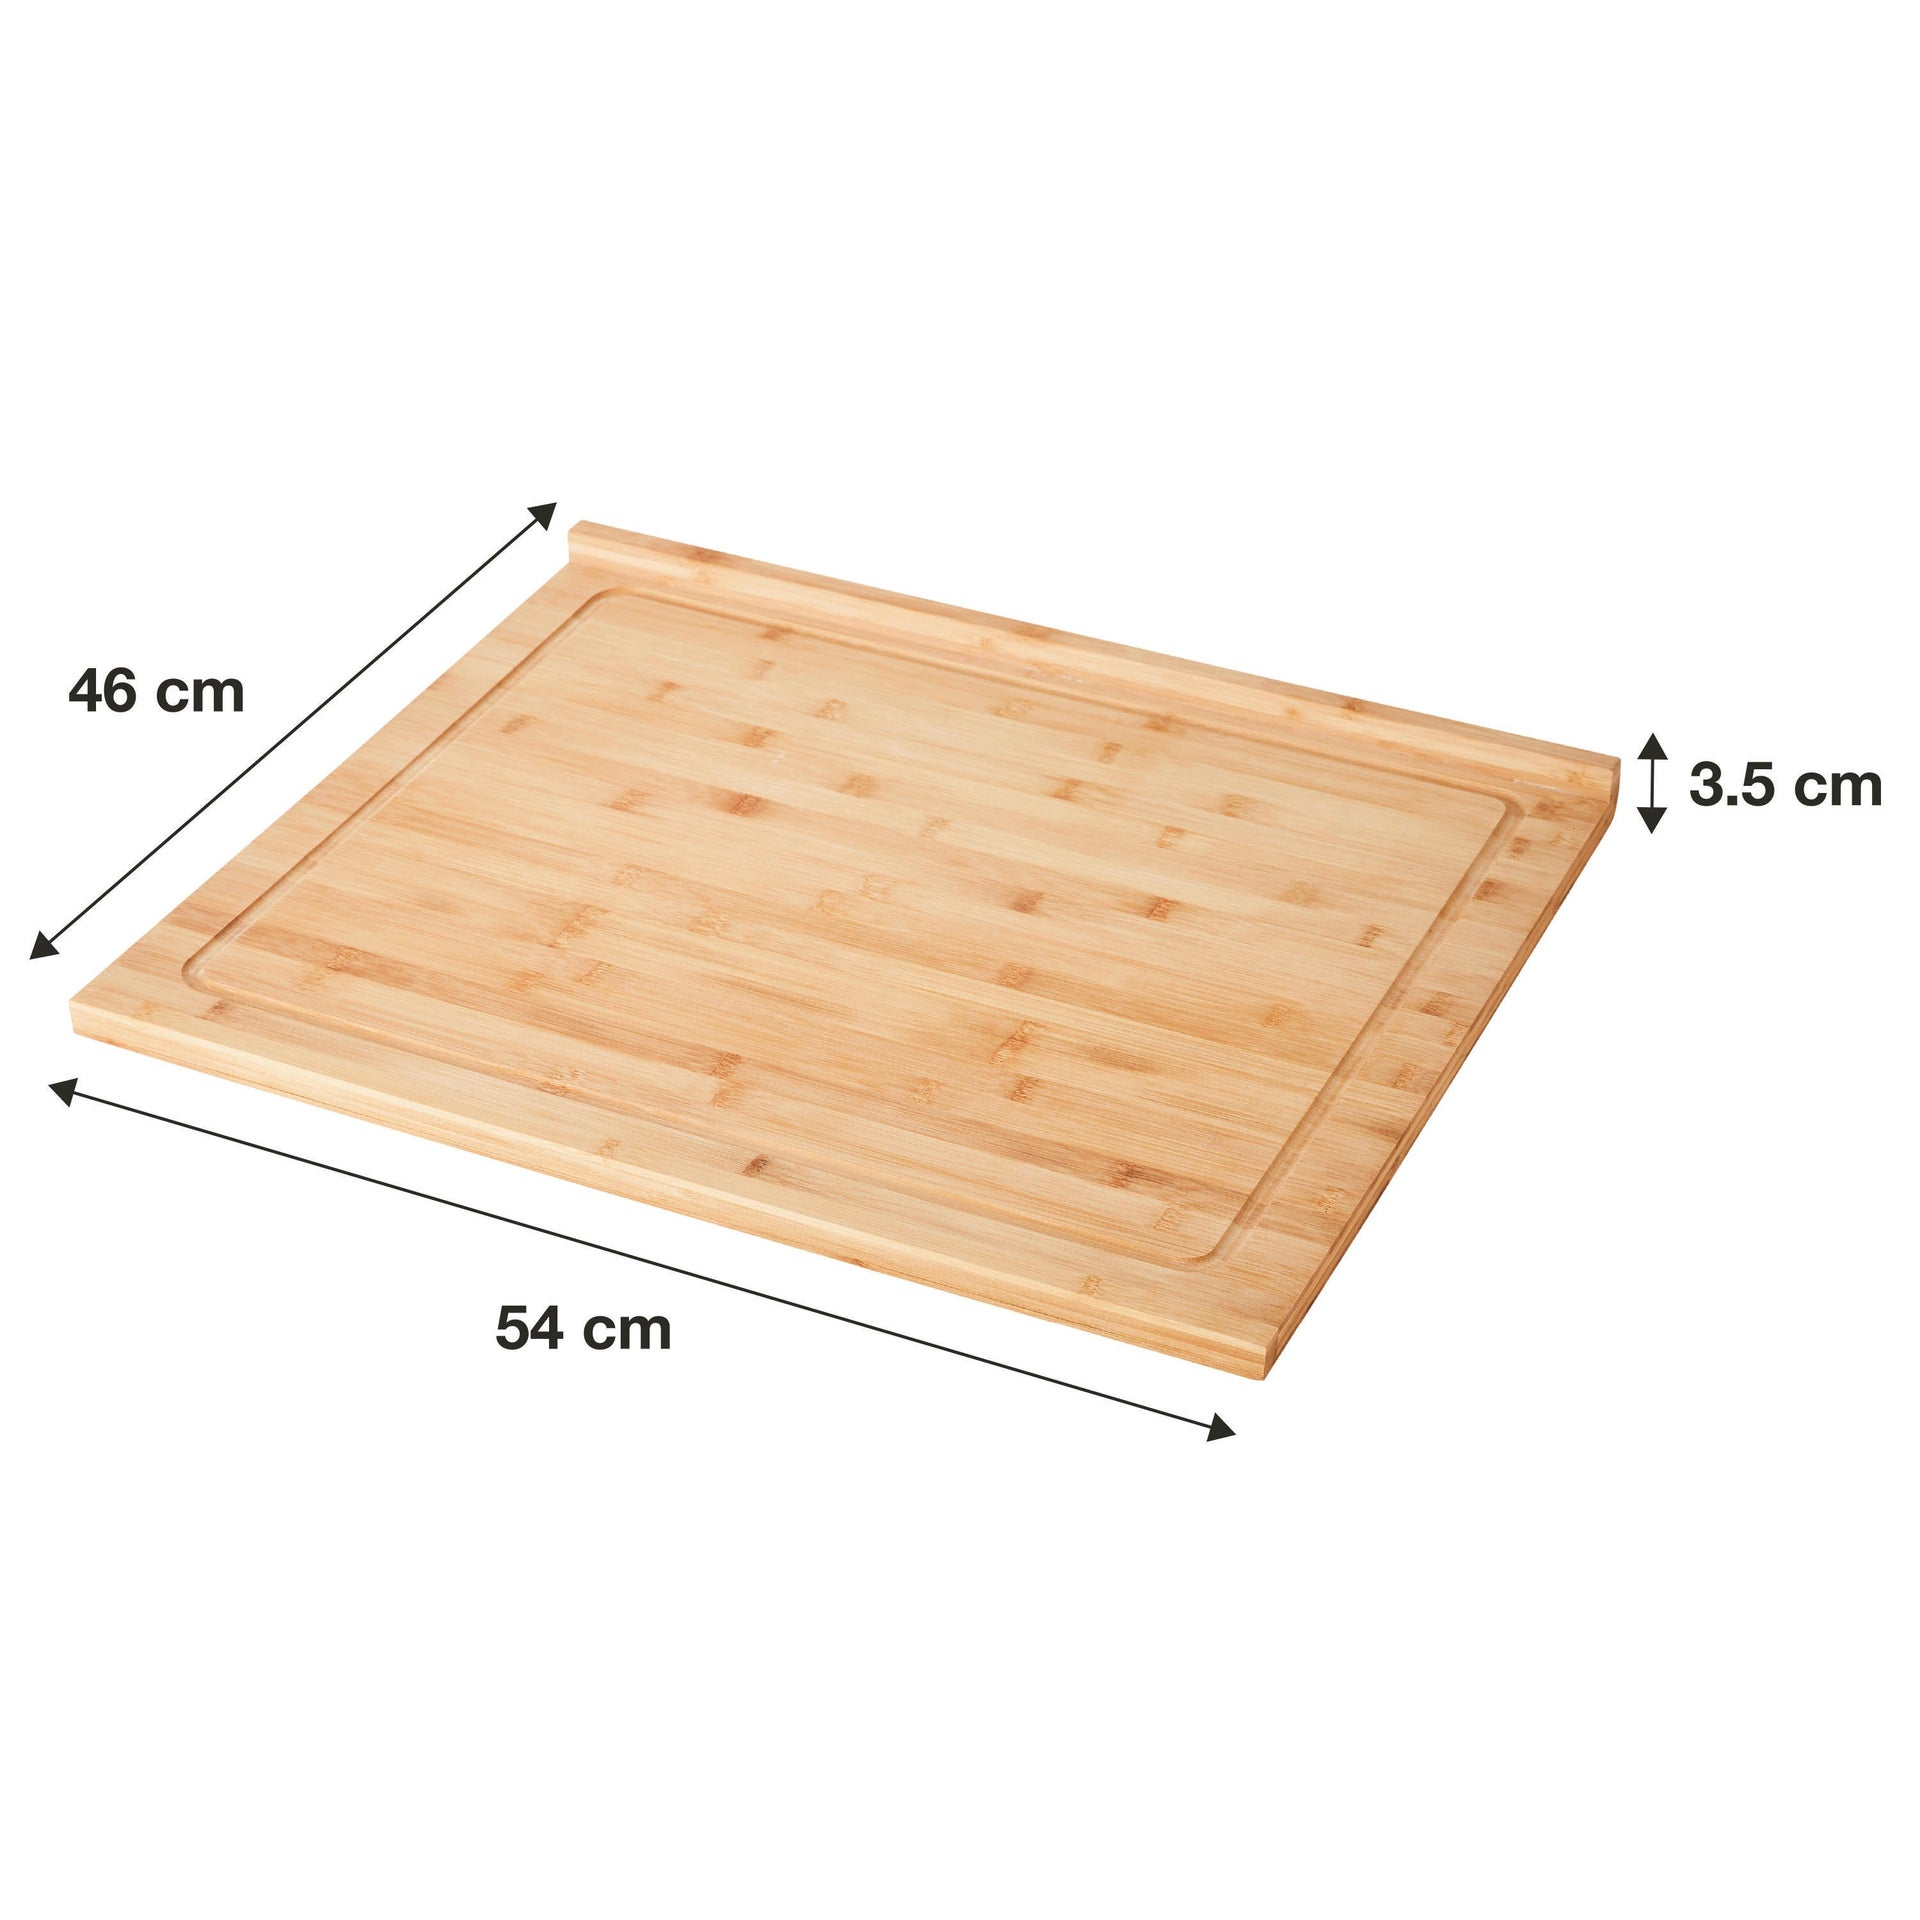 Tagliere in bambù naturale L 54 x P 46 cm DELINIA - 2